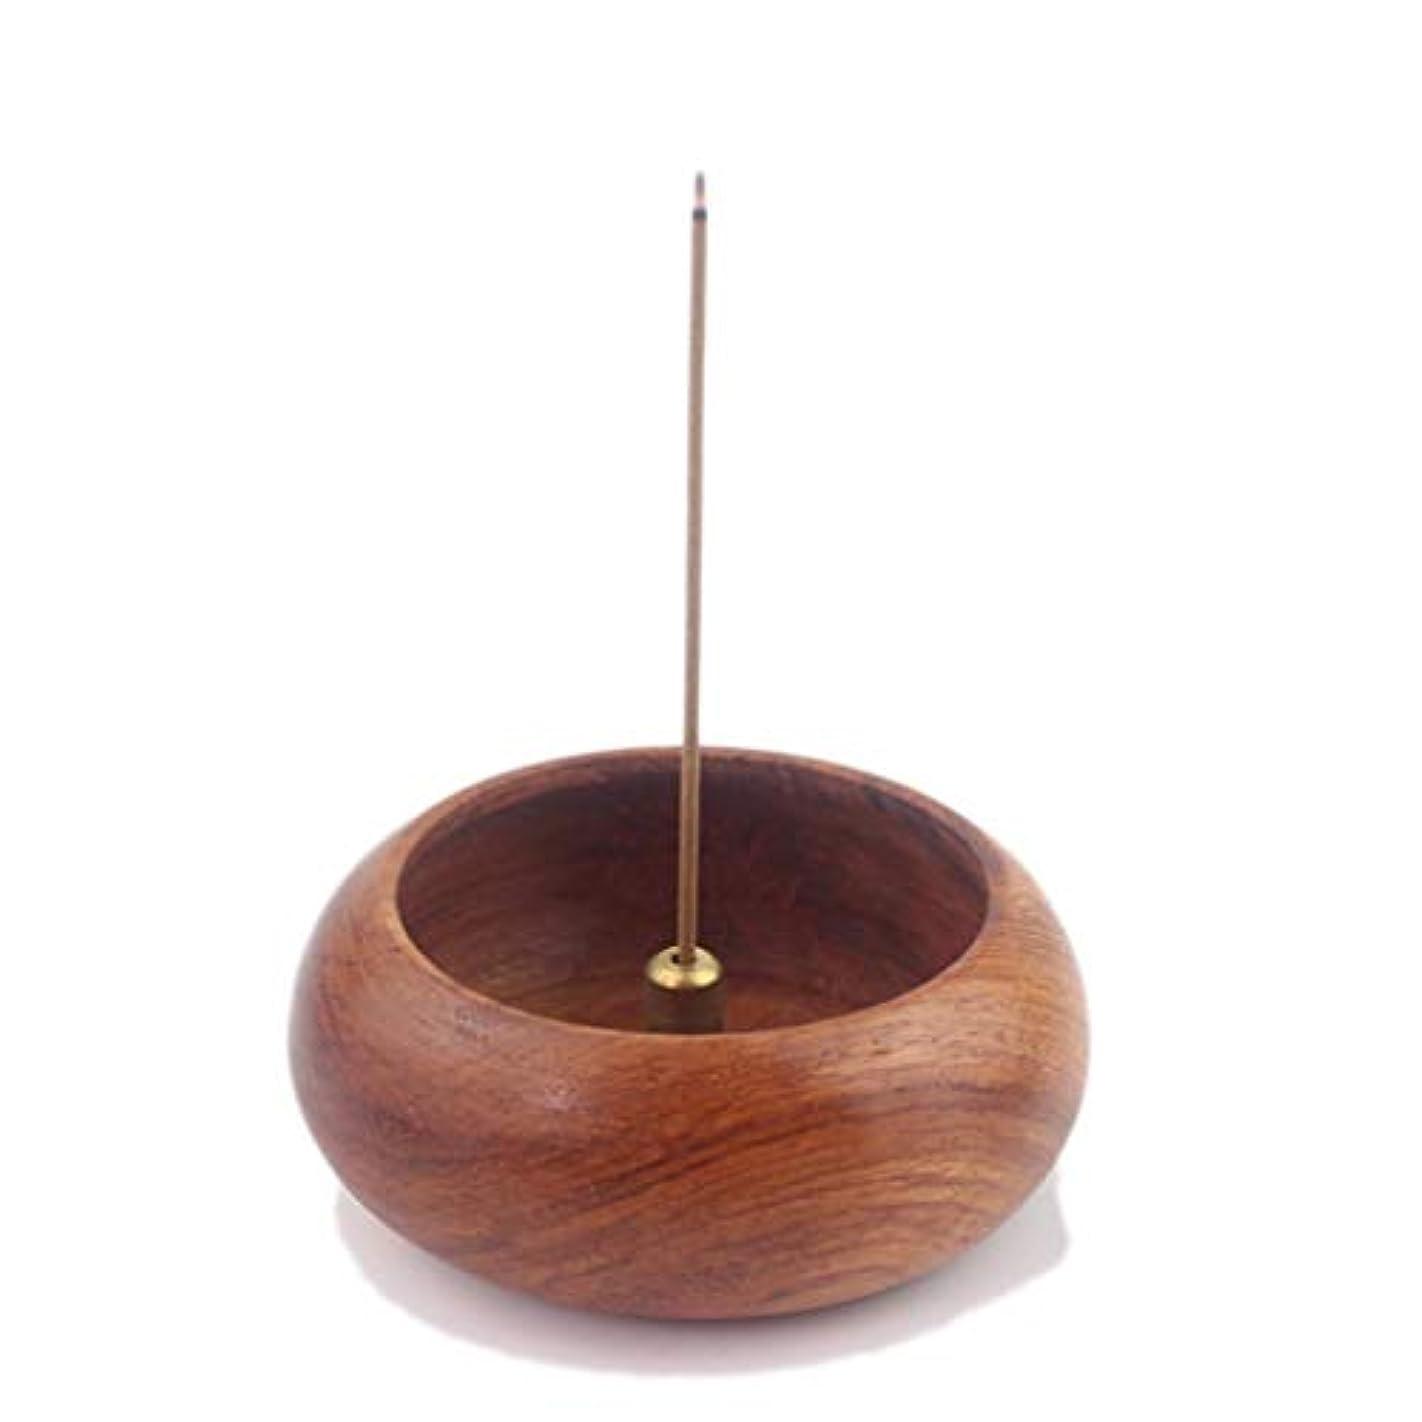 音声不安個人的にローズウッドボウル型香炉ホルダーキャンドルアロマセラピー炉香ホルダーホームリビングルーム香バーナー装飾 (Color : Wood, サイズ : 6.2*2.4cm)